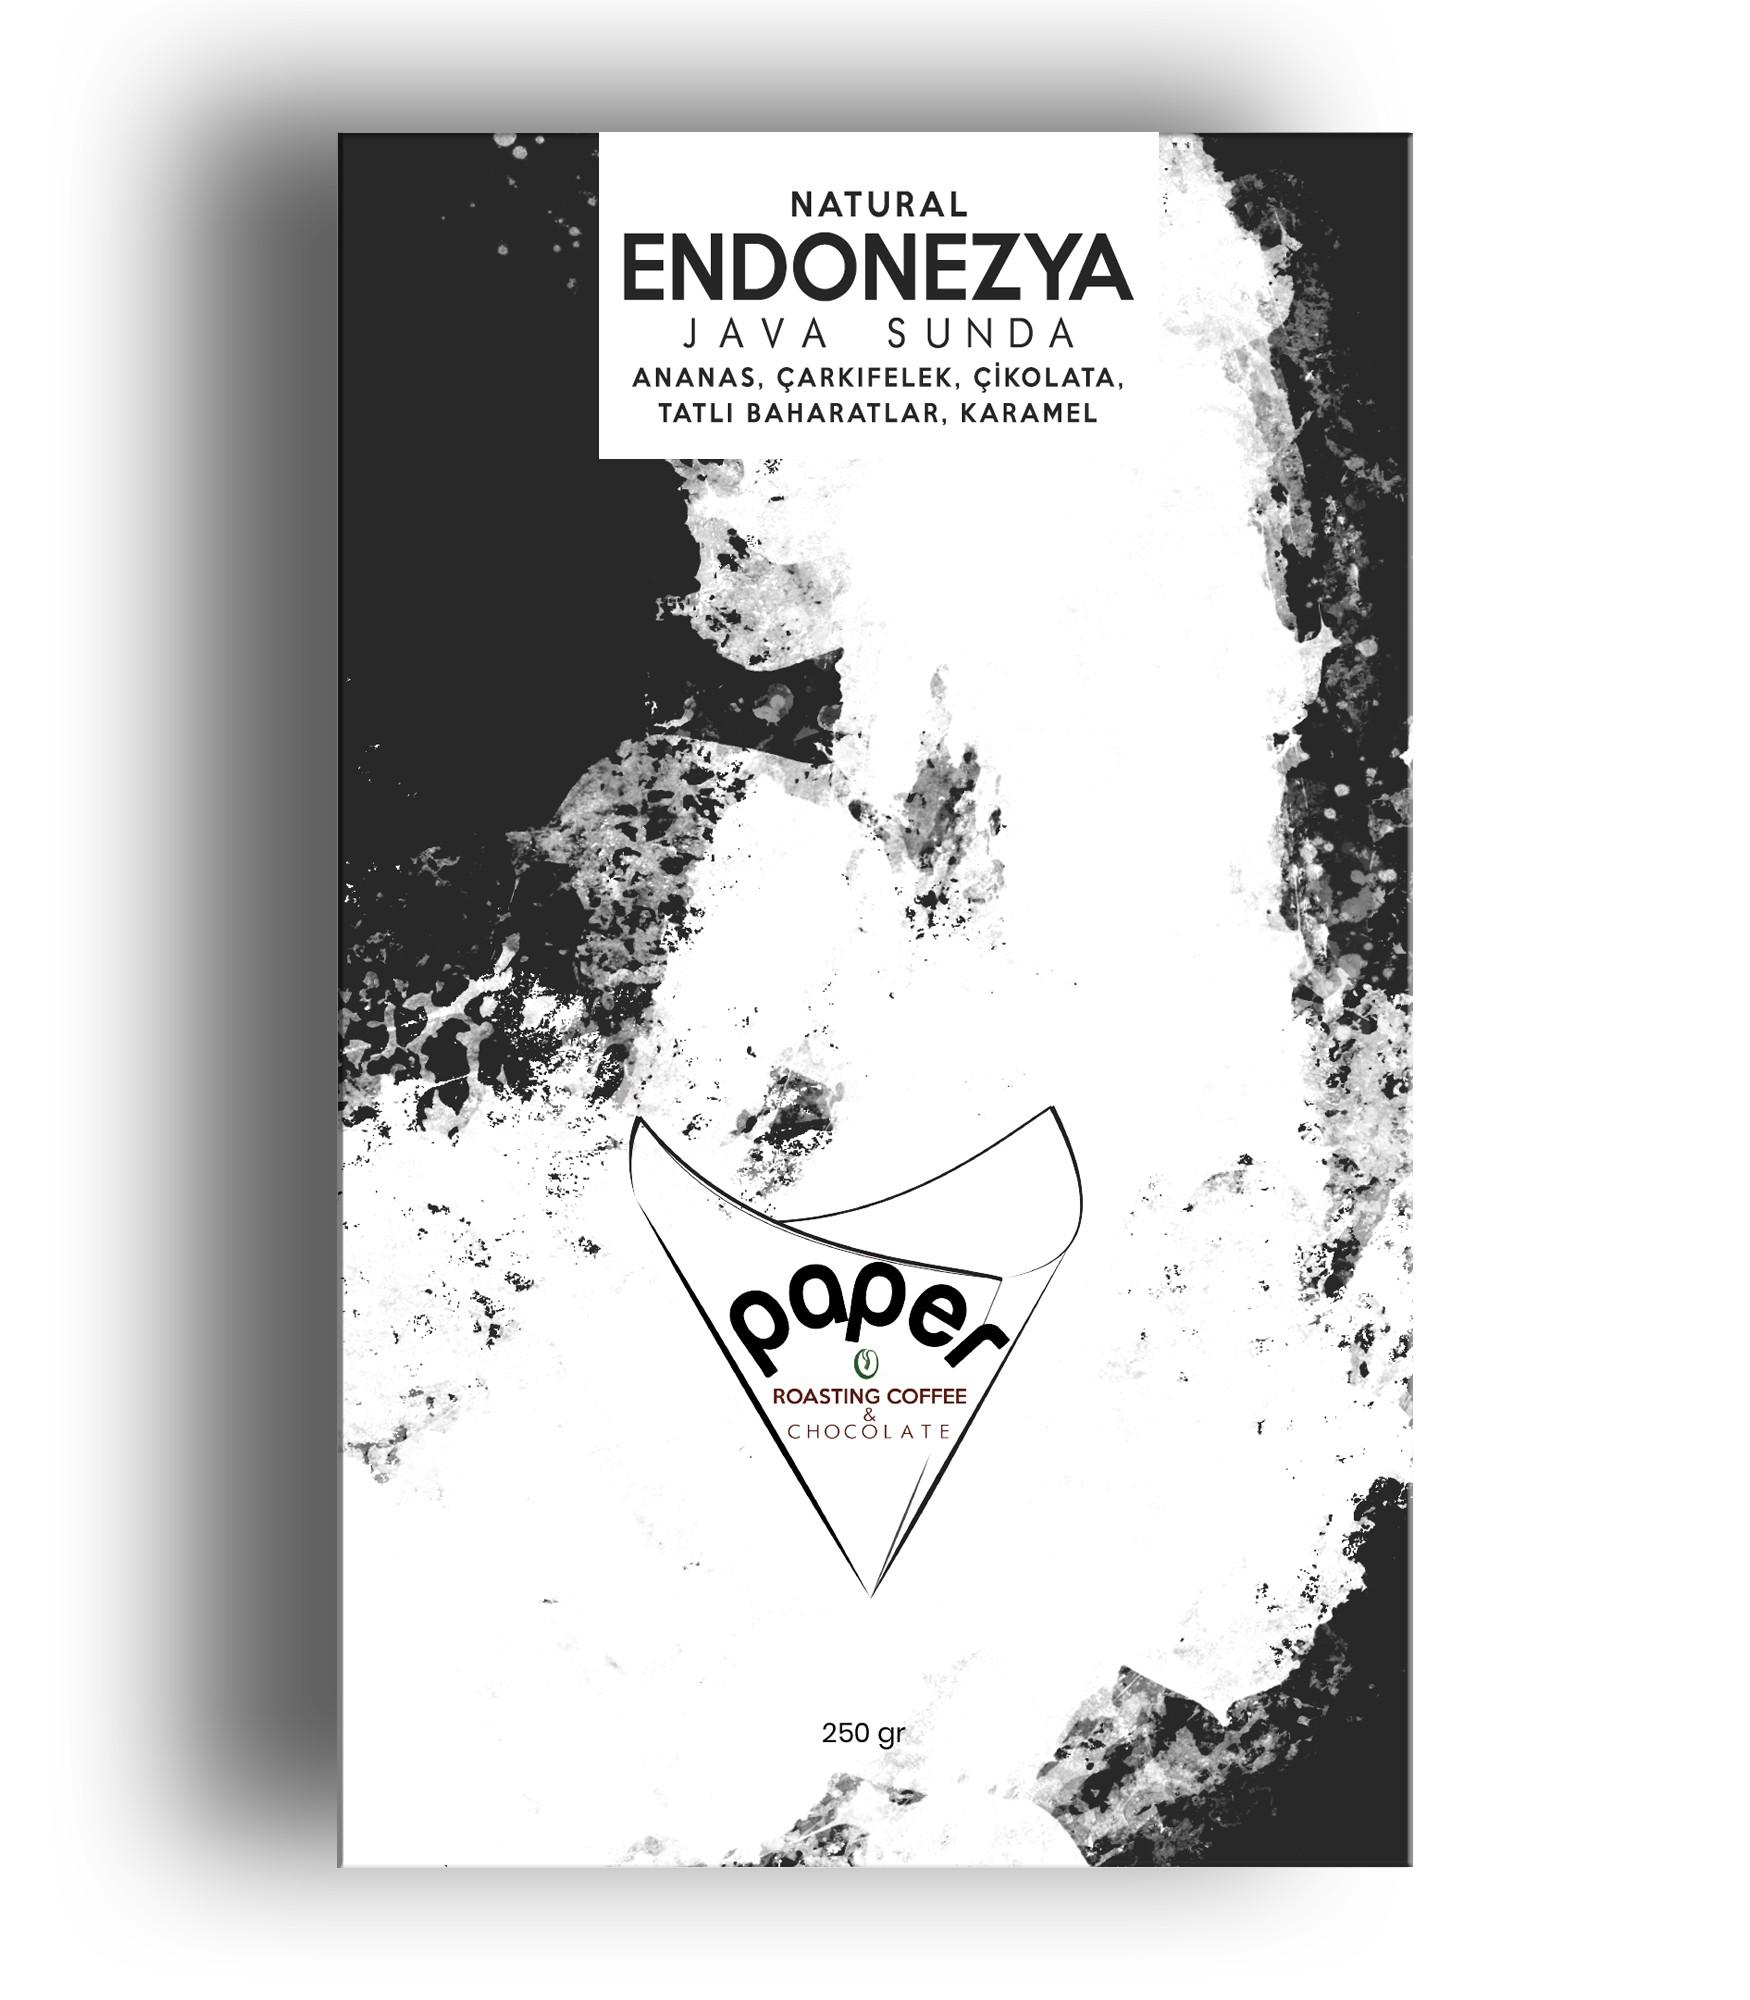 Endonezya Java Sunda Natural